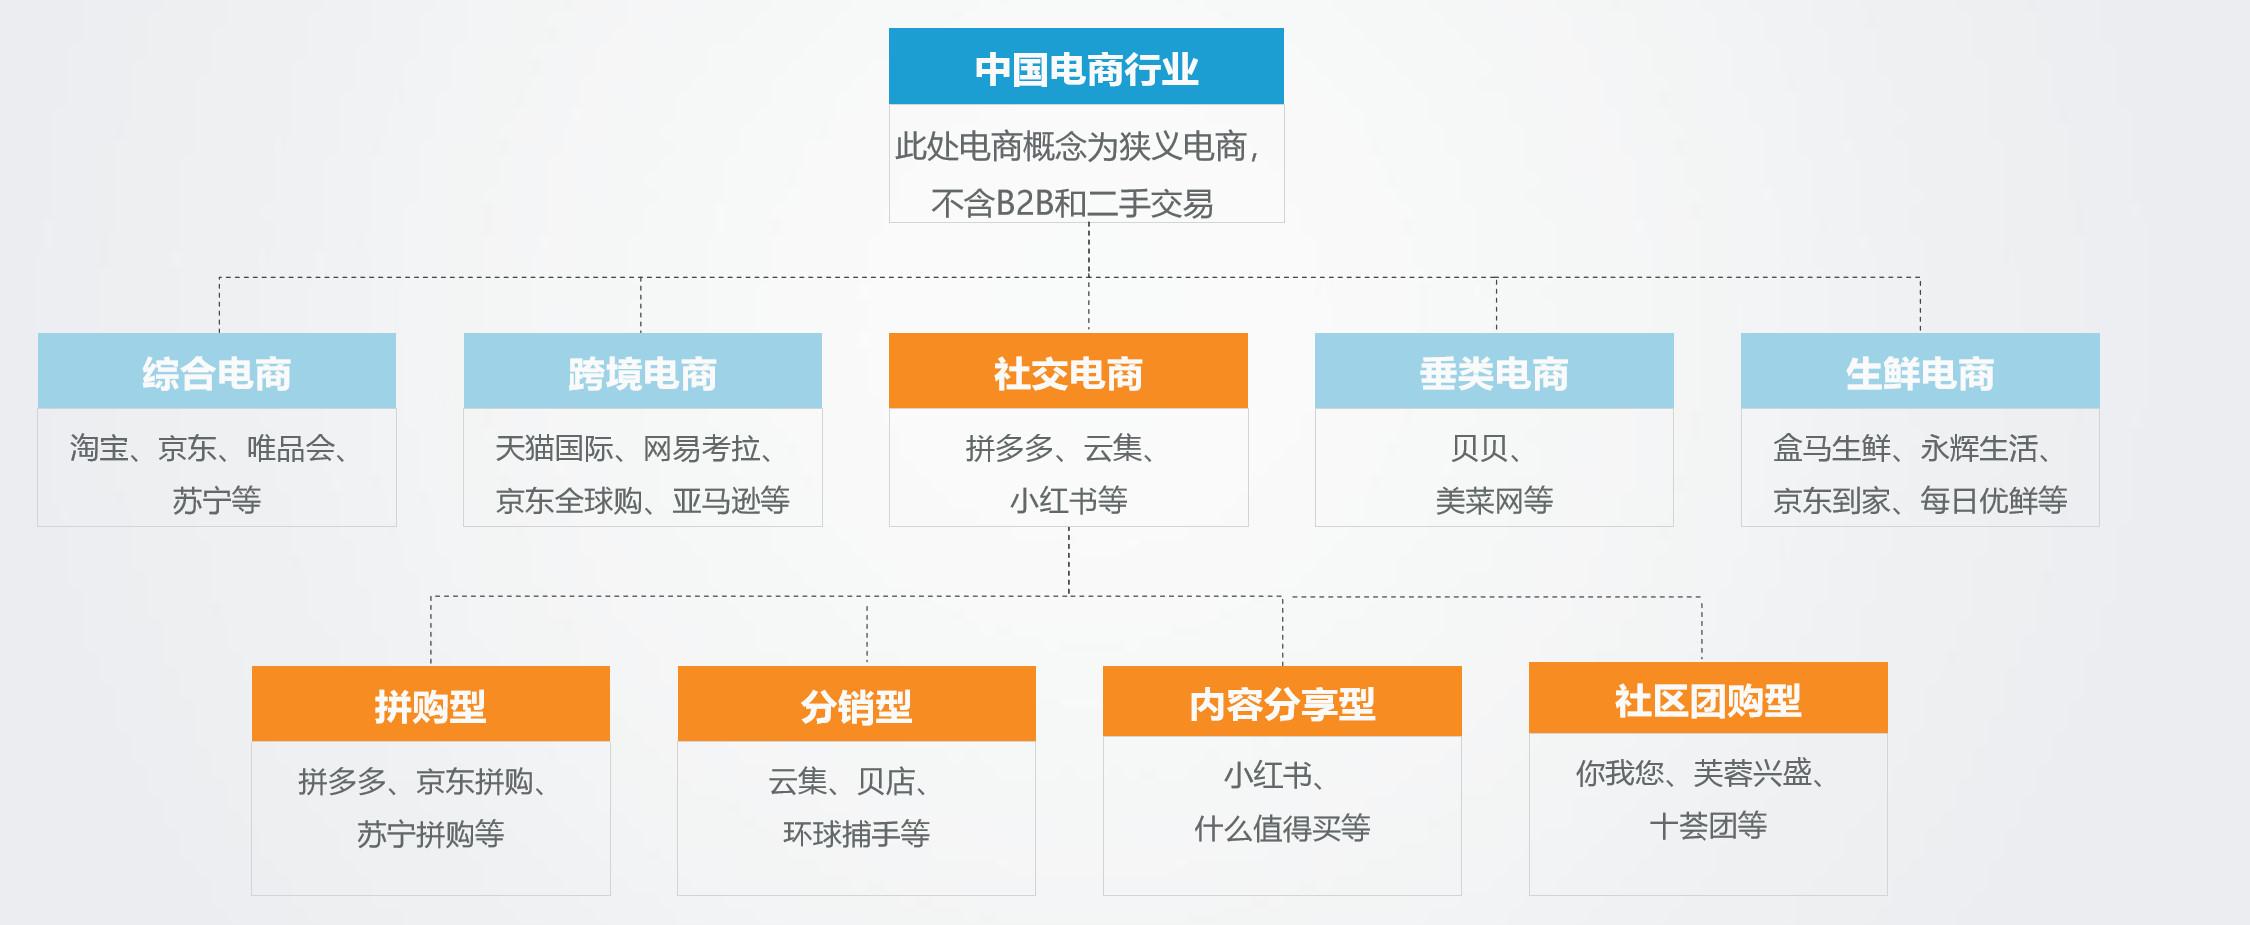 电商运营:国内Z世代用户消费情况洞察!